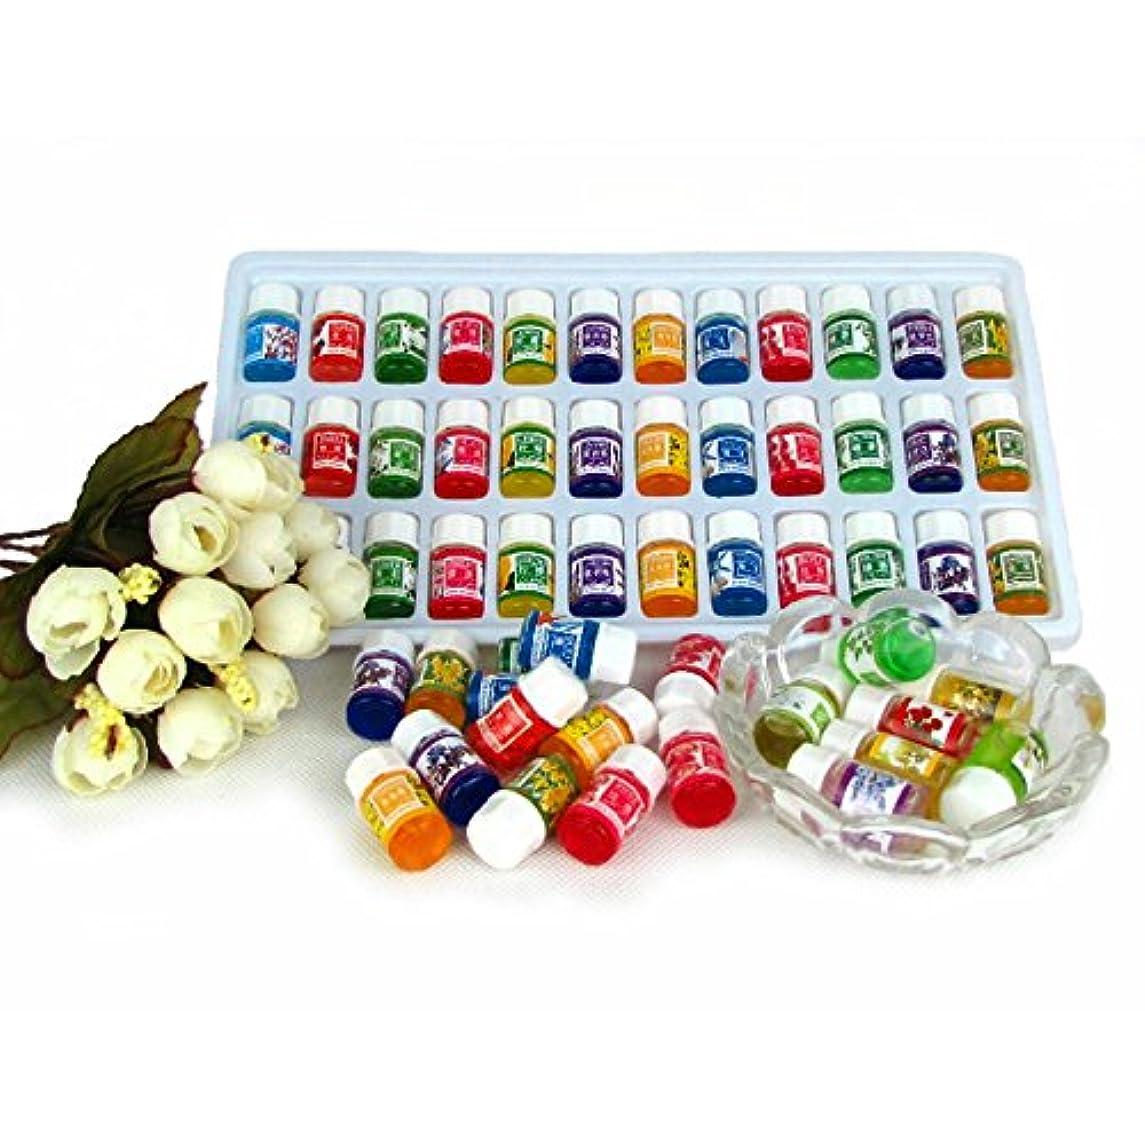 タオルボウリングポンペイHongch ピュアラベンダーエッセンシャルオイル 毎日パックセット ナチュラル36pcs / lot 水溶性 12種類の香り 毎日